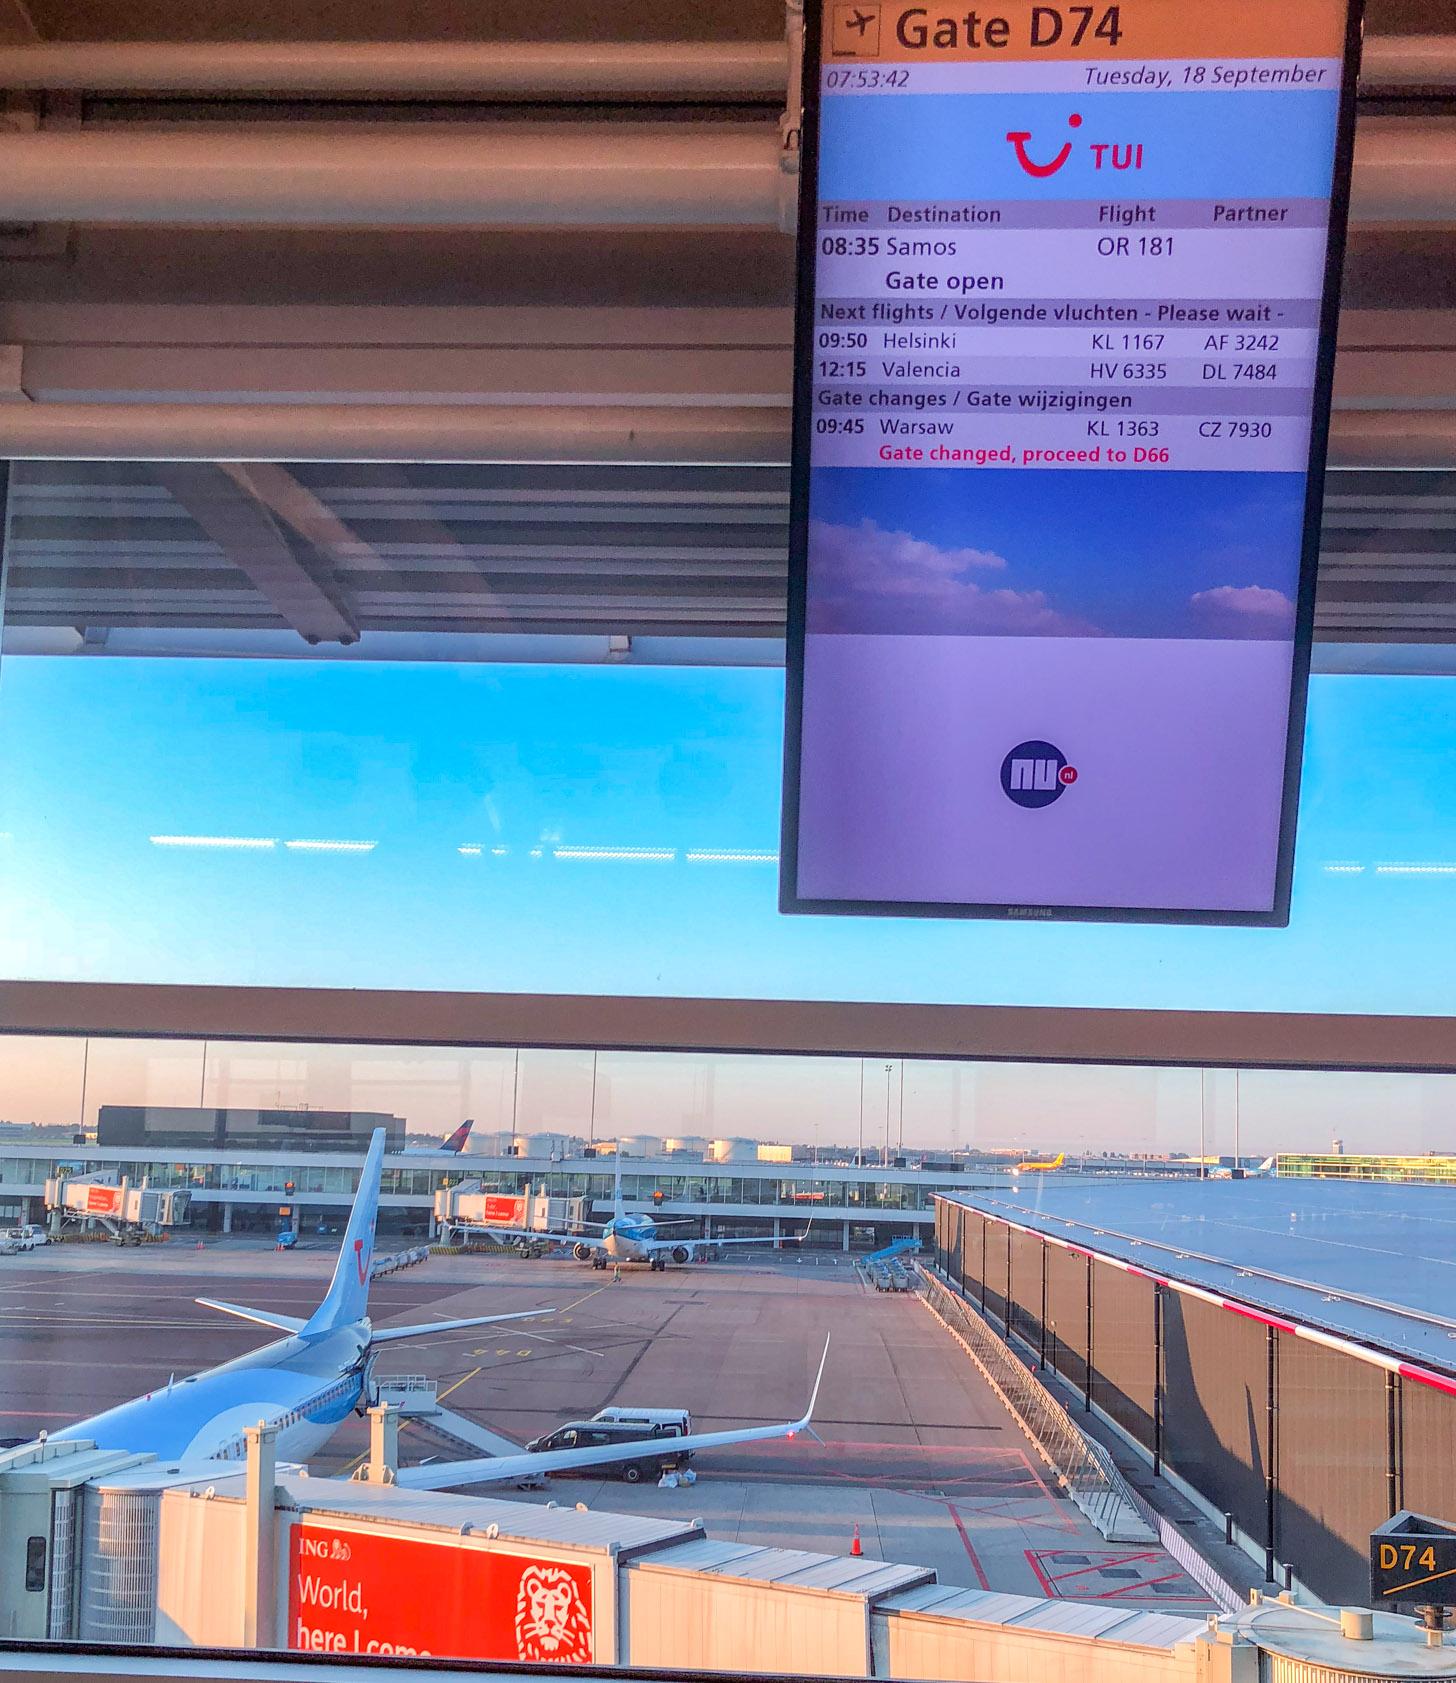 Vliegtuigtuig staat gereed op Schiphol om naar Samos te vertrekken.